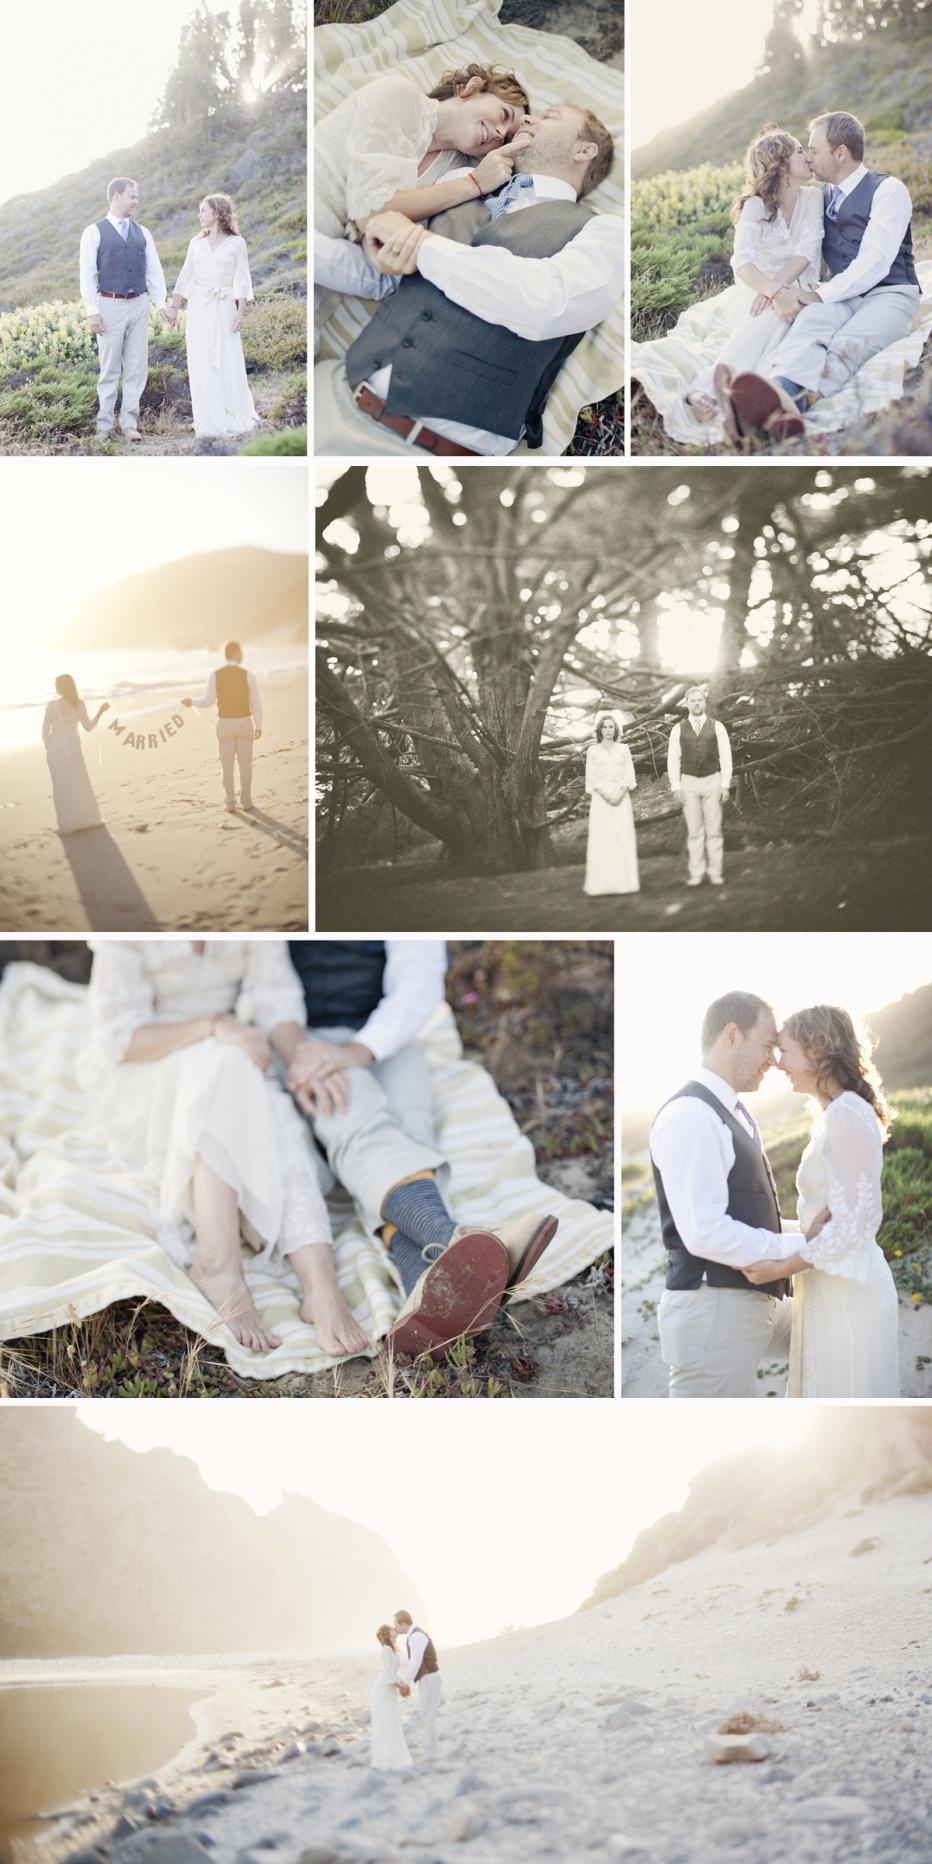 Pfeiffer Beach, Elopement, Big Sur, Wedding, Vintage